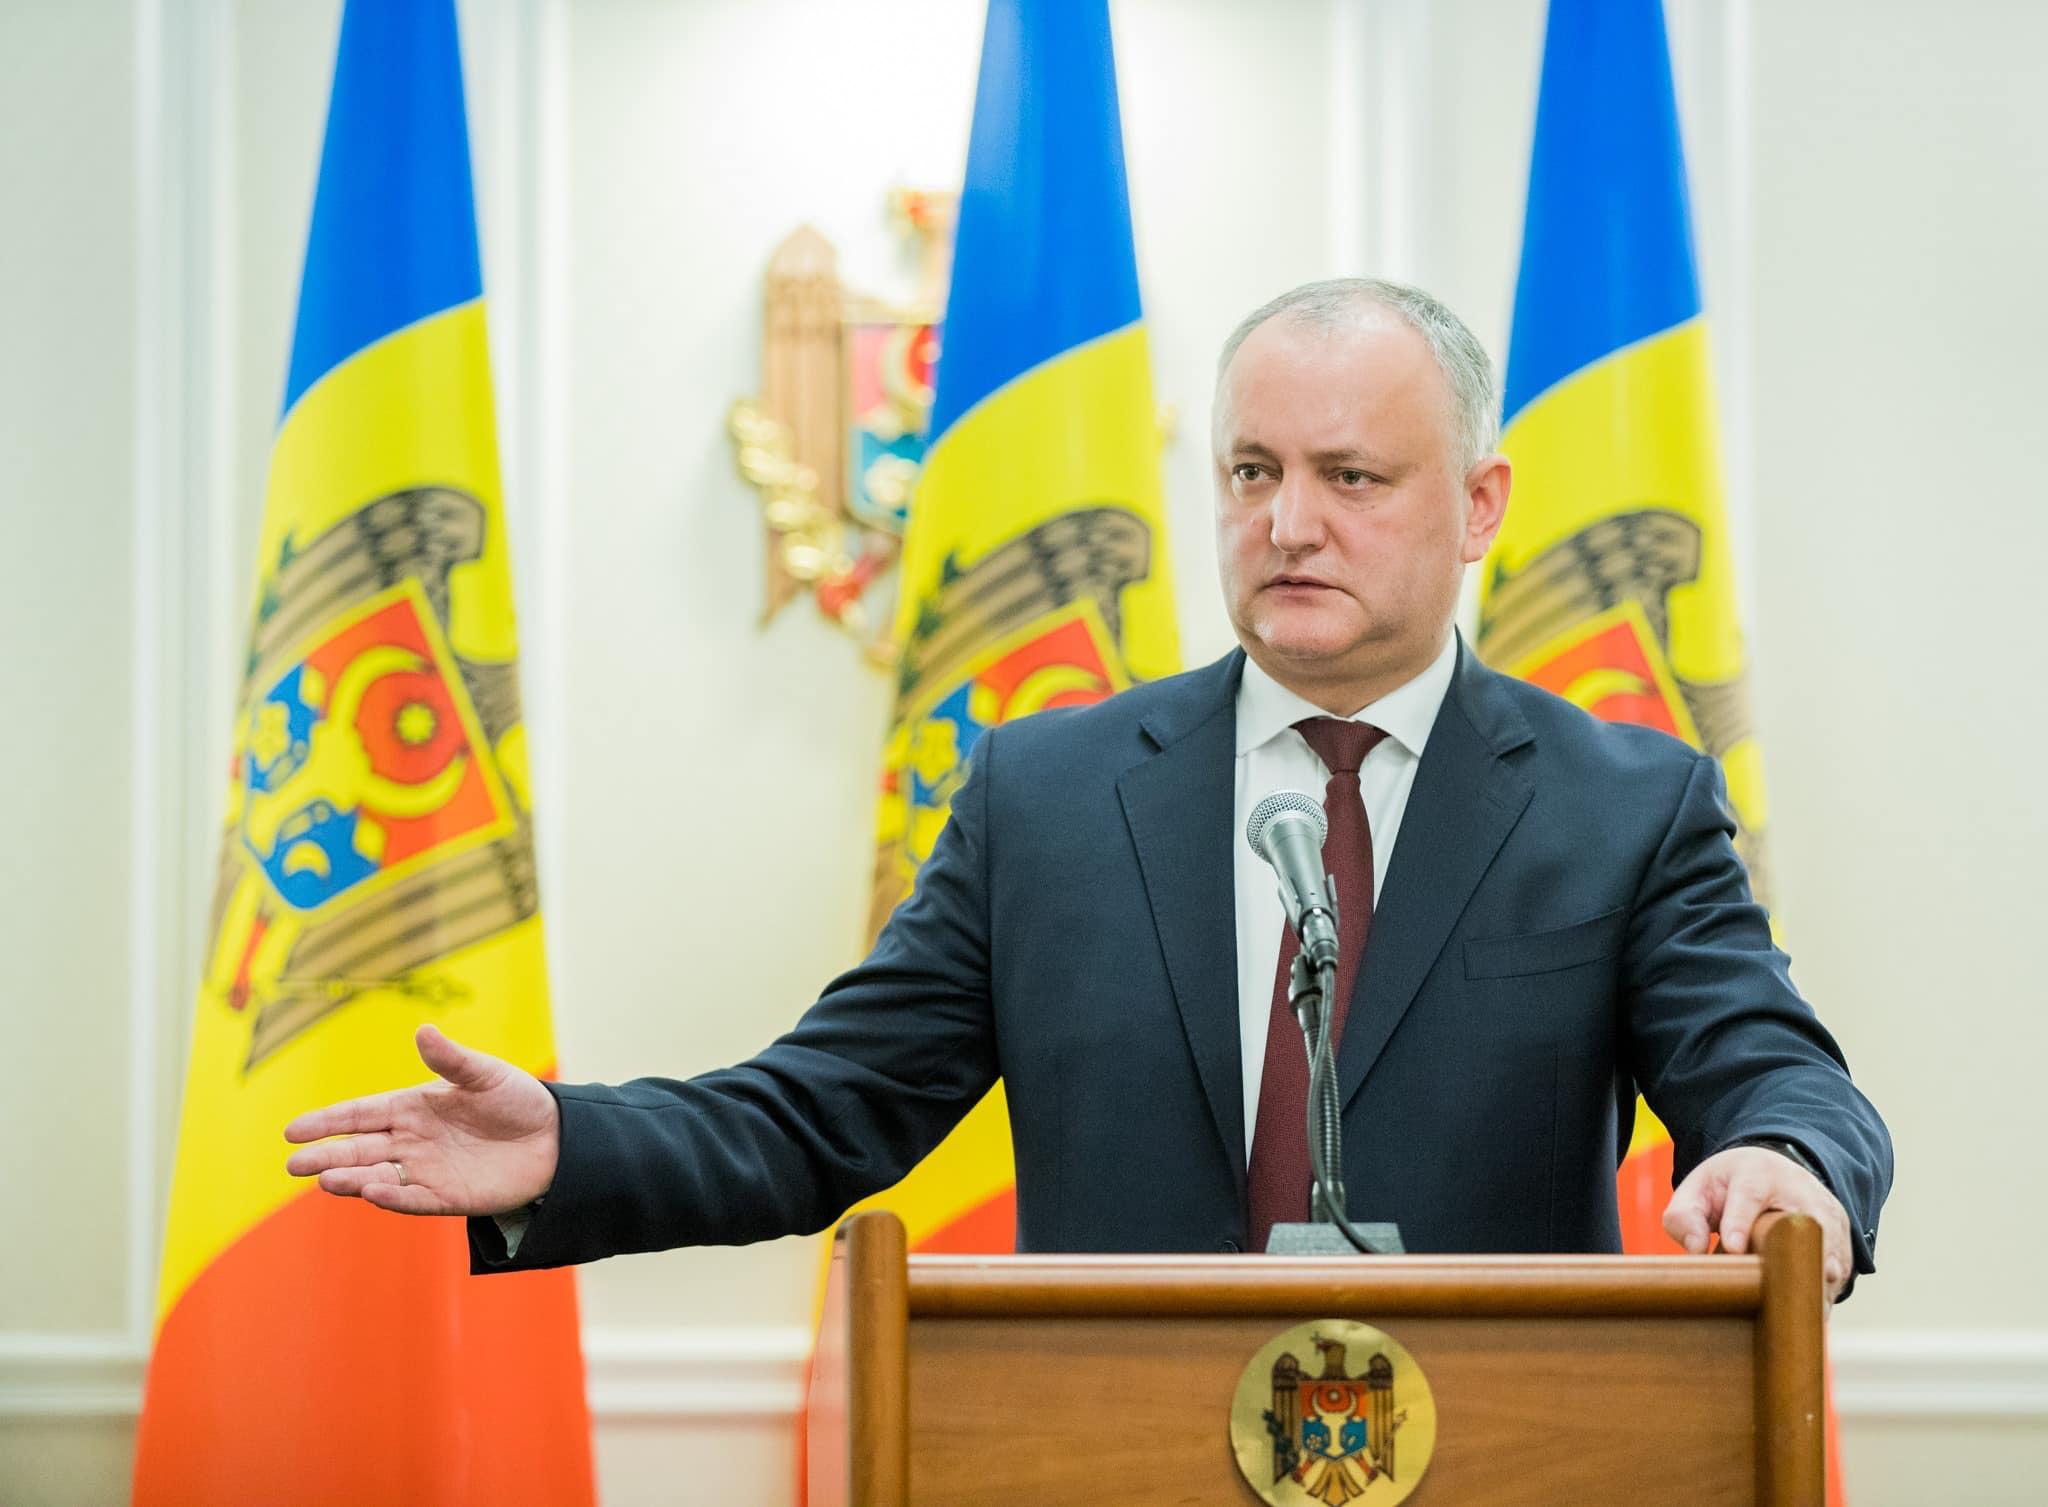 Игорь Додон ответит в прямом эфире на вопросы граждан о ситуации с коронавирусом (ВИДЕО)